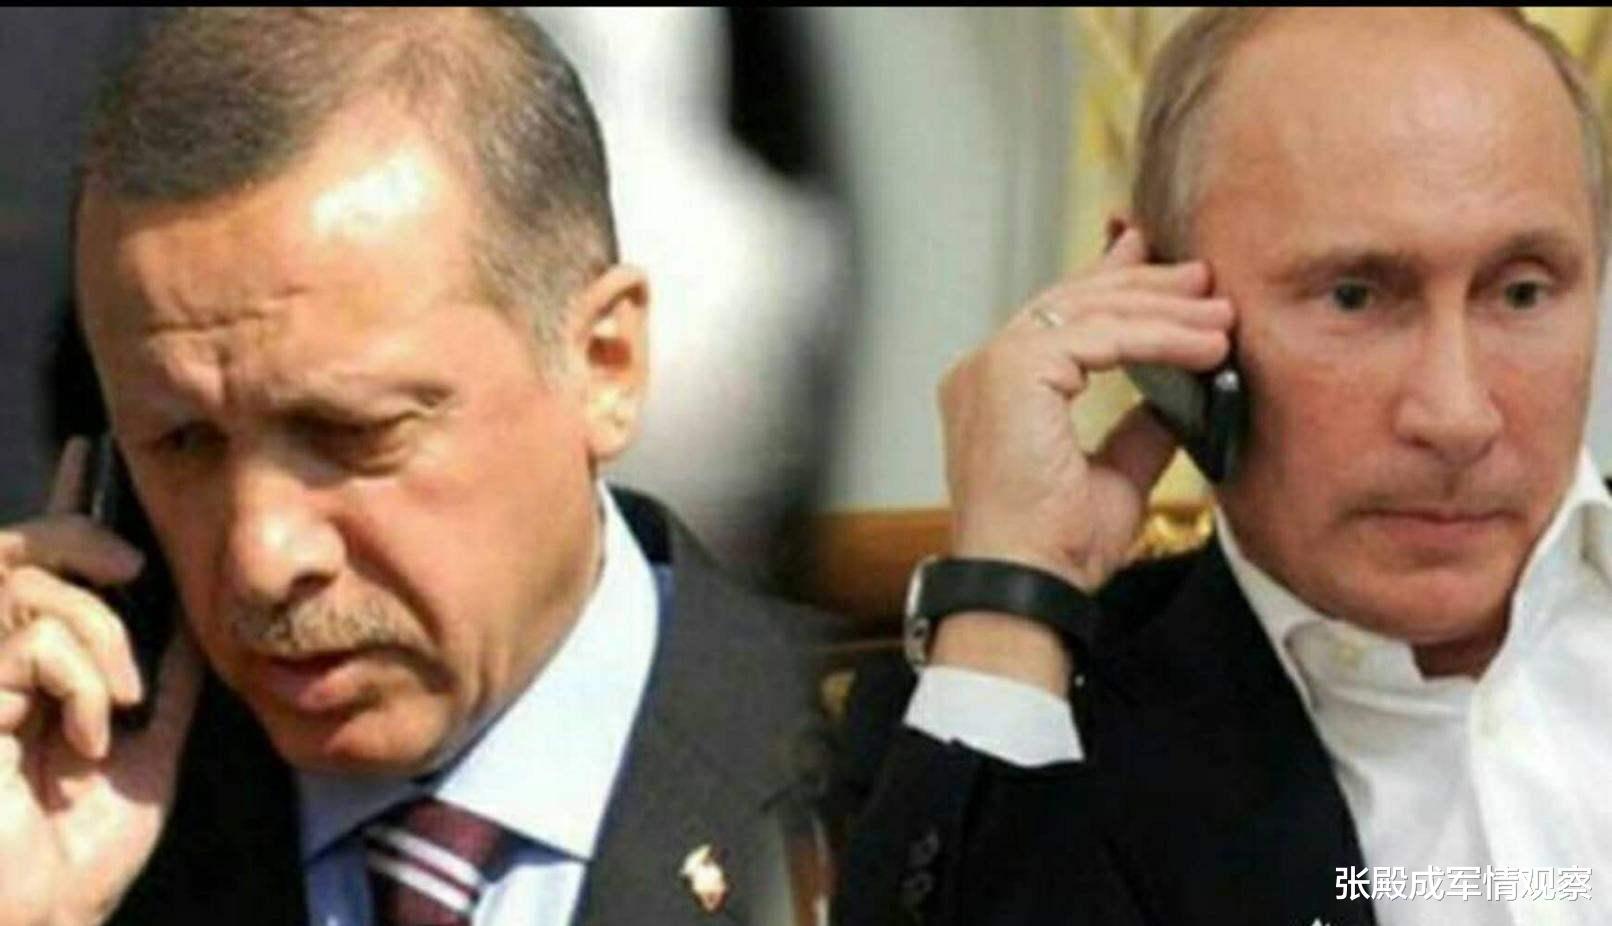 土耳其發生兵變? 總統已無法調動海空軍 南部海域響起密集炮聲-圖2